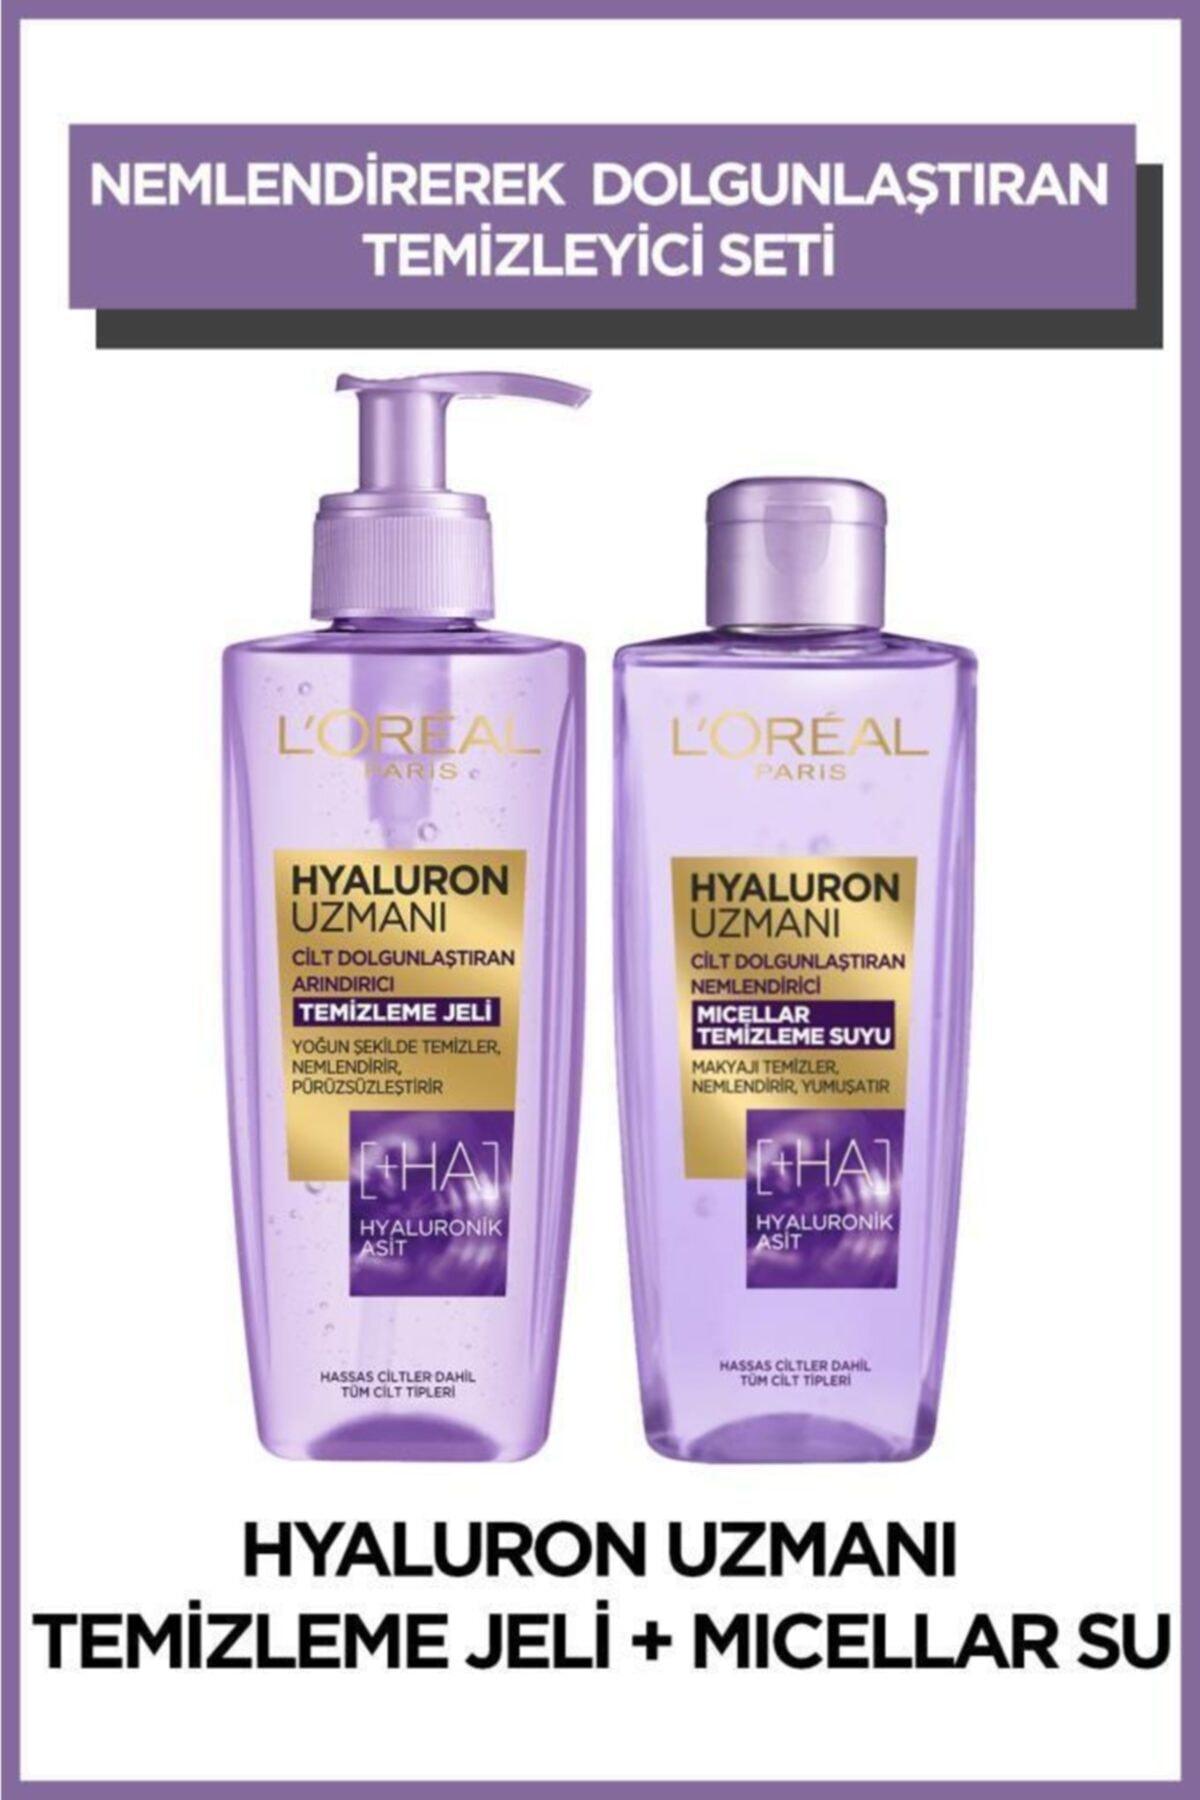 L'Oreal Paris Hyaluron Uzmanı Arındırıcı Temizleme Jeli + Micellar Temizleme Suyu 2'li Set 1